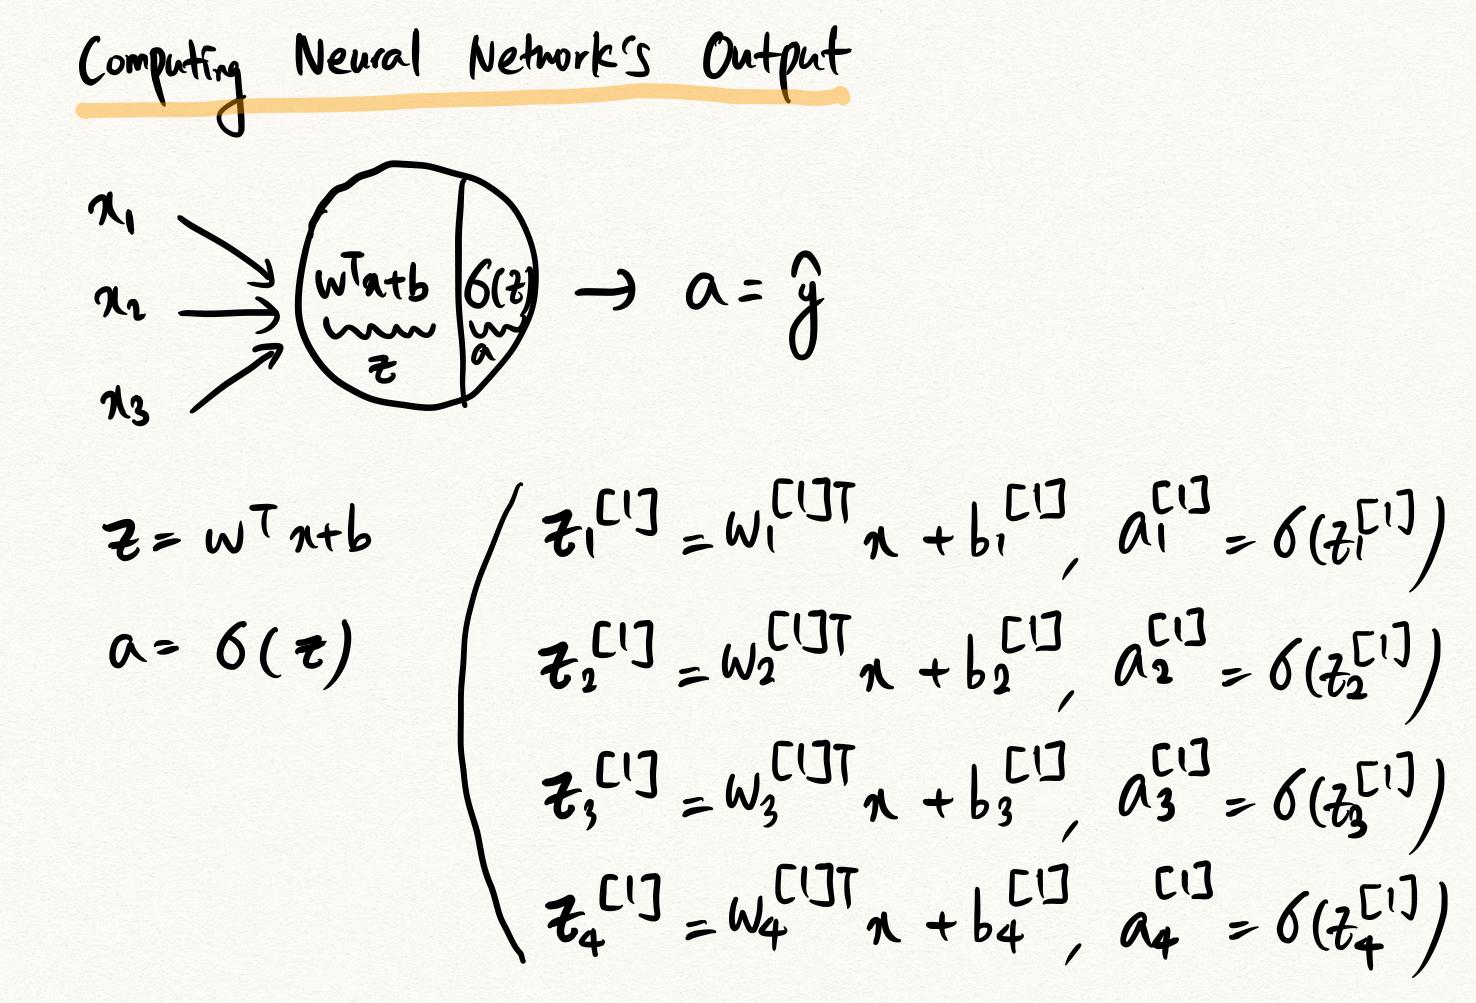 shallow-neural-network